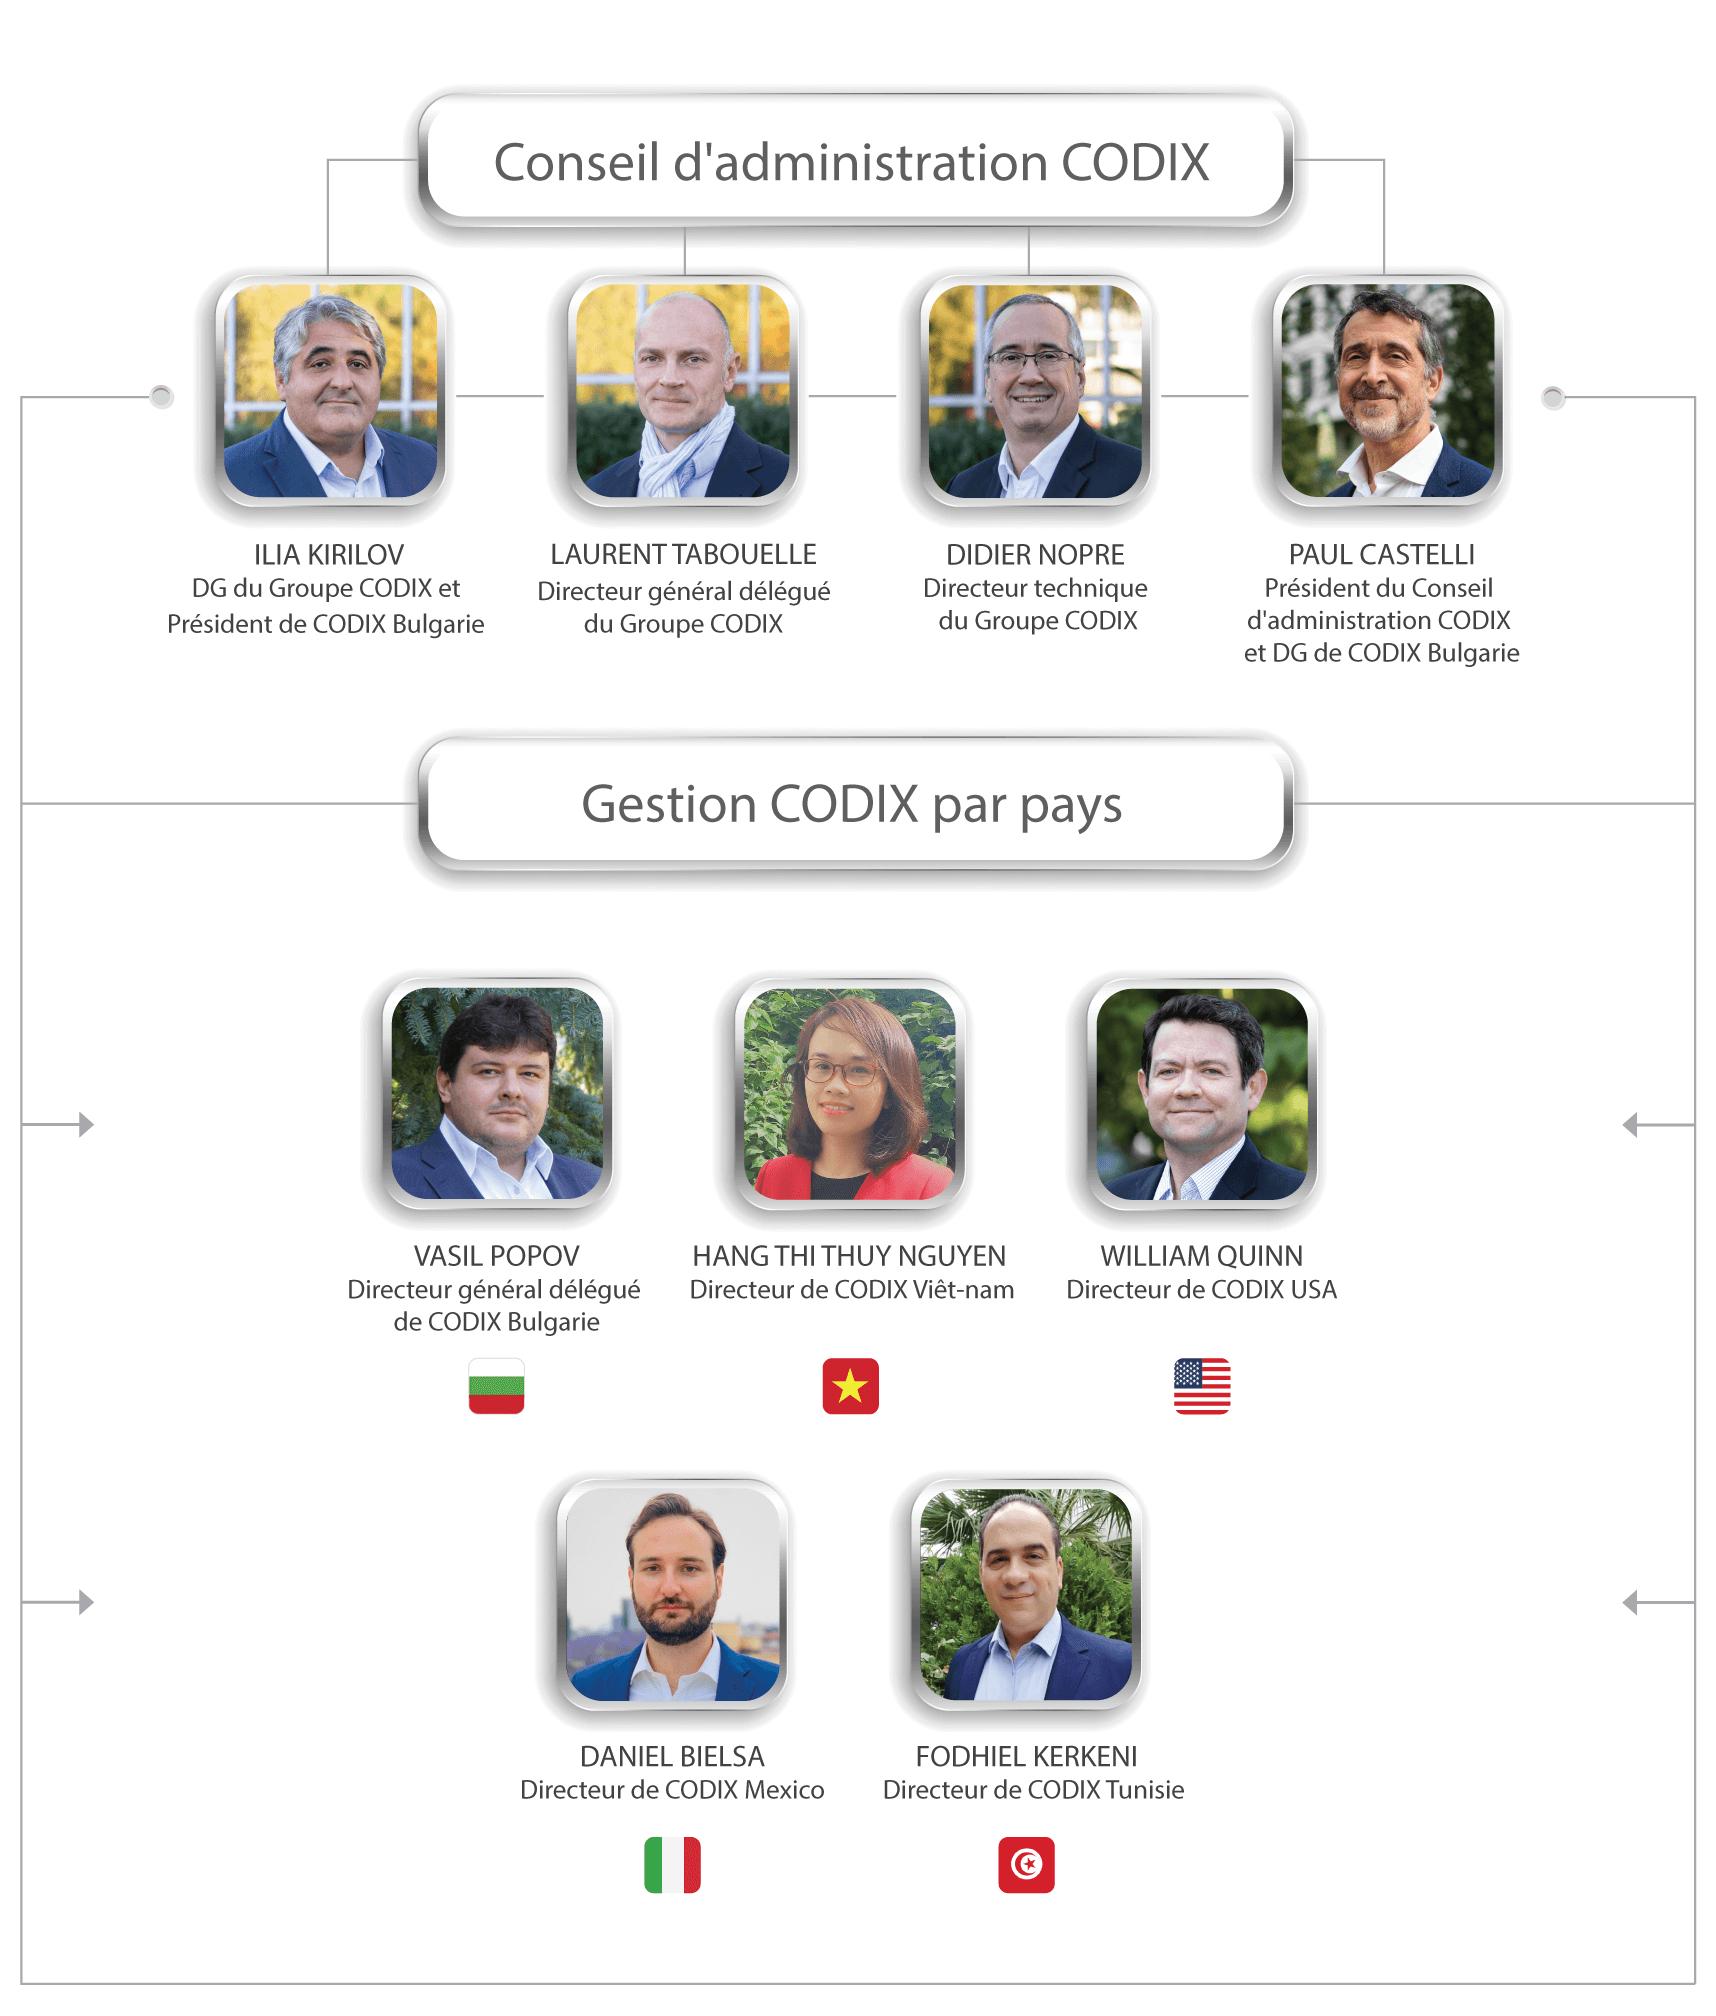 Conseil d'administration et gestion CODIX par pays